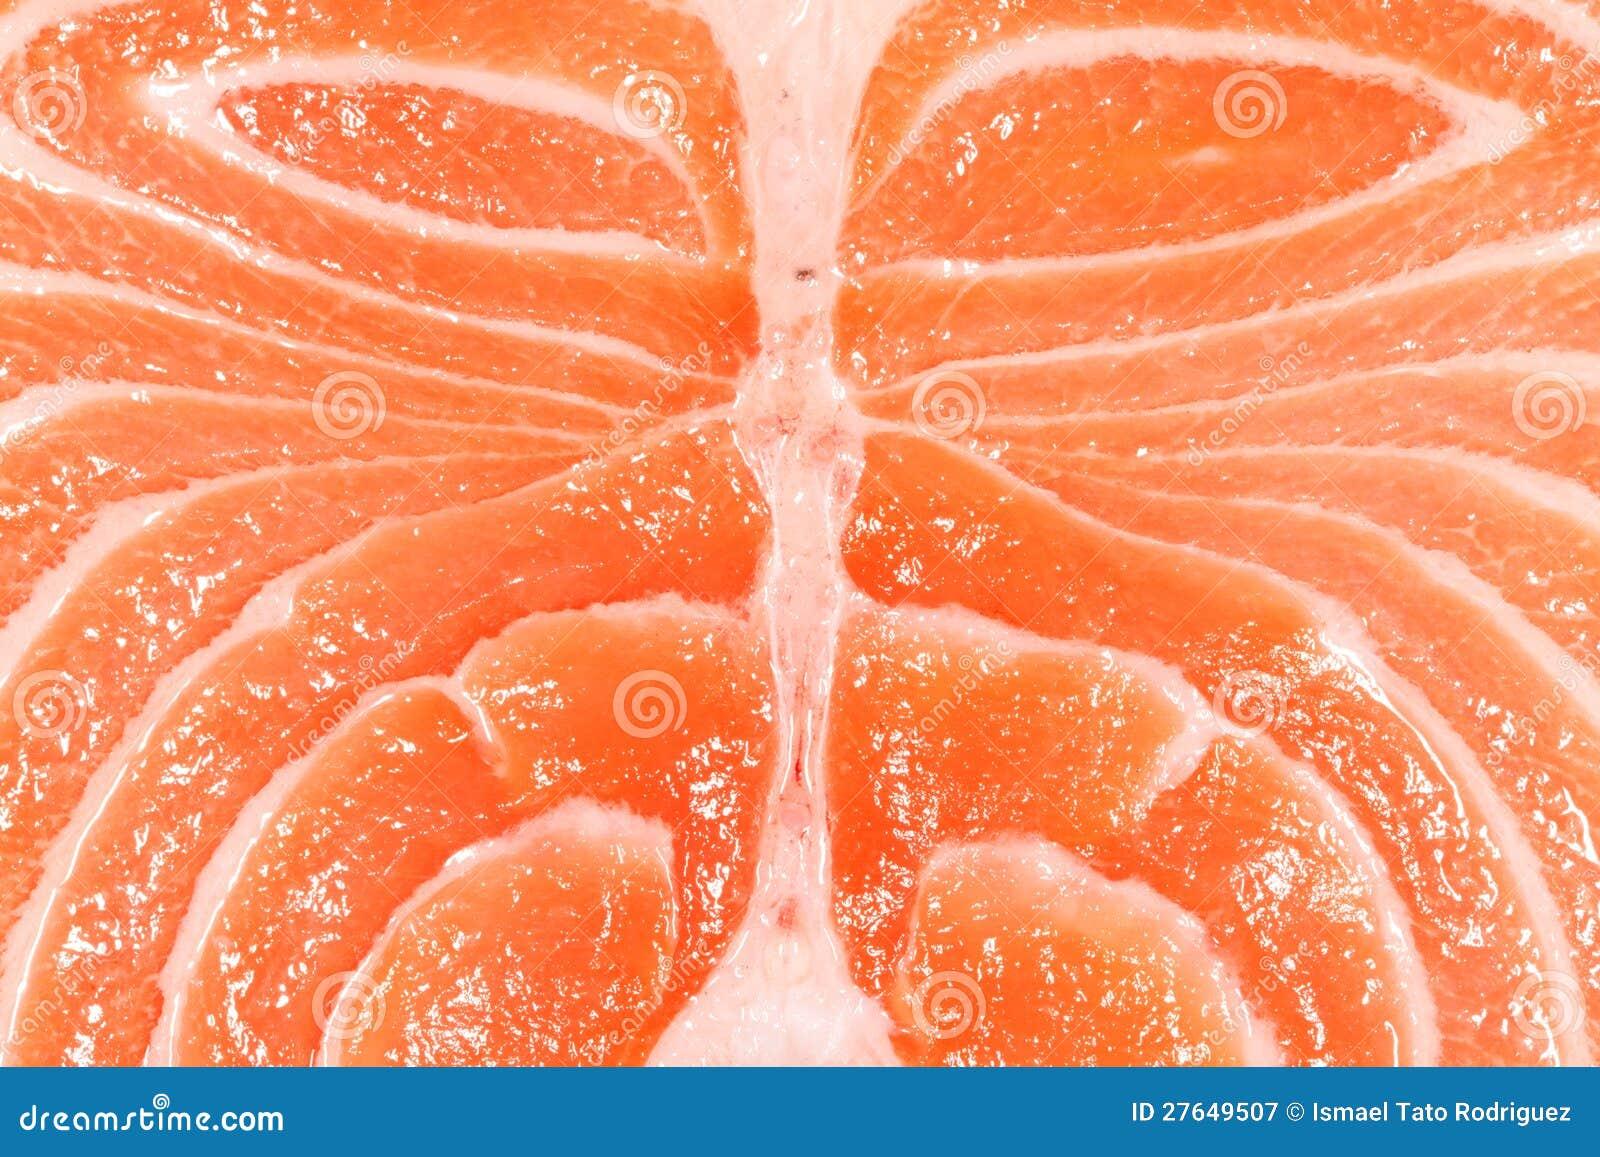 Raw Salmon Texture